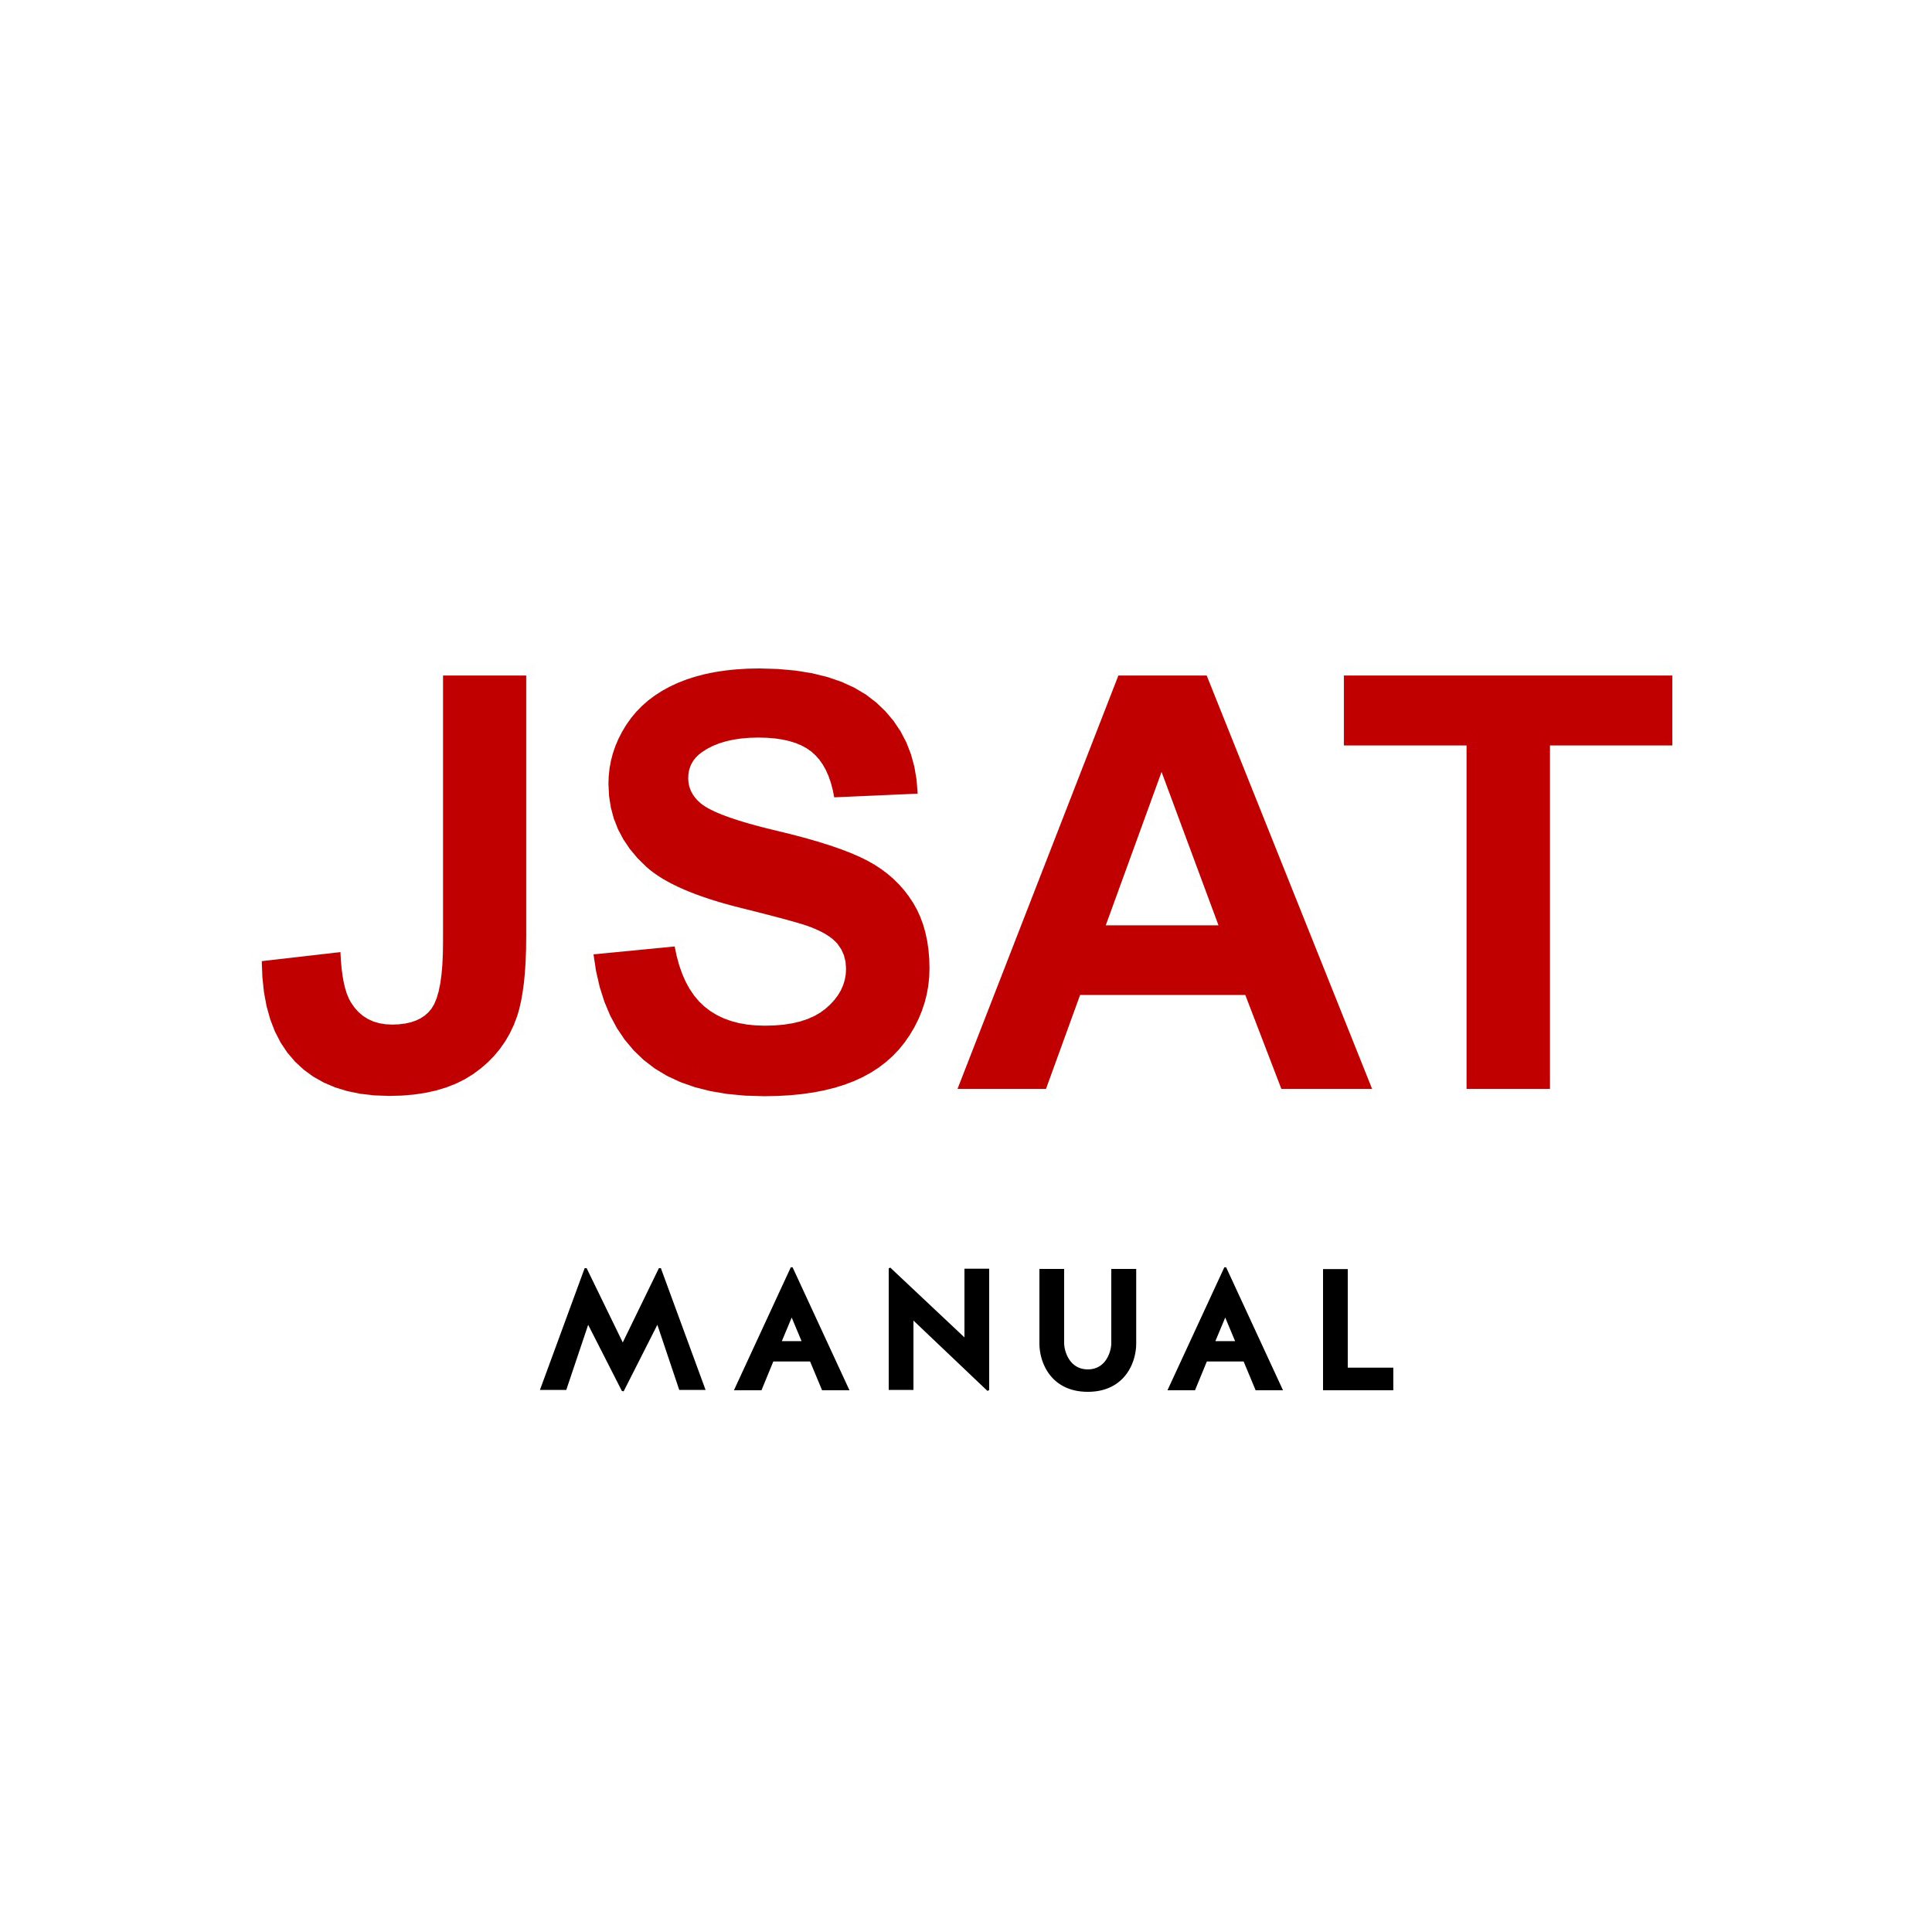 Jail Screening Assessment Tool Jsat Manual